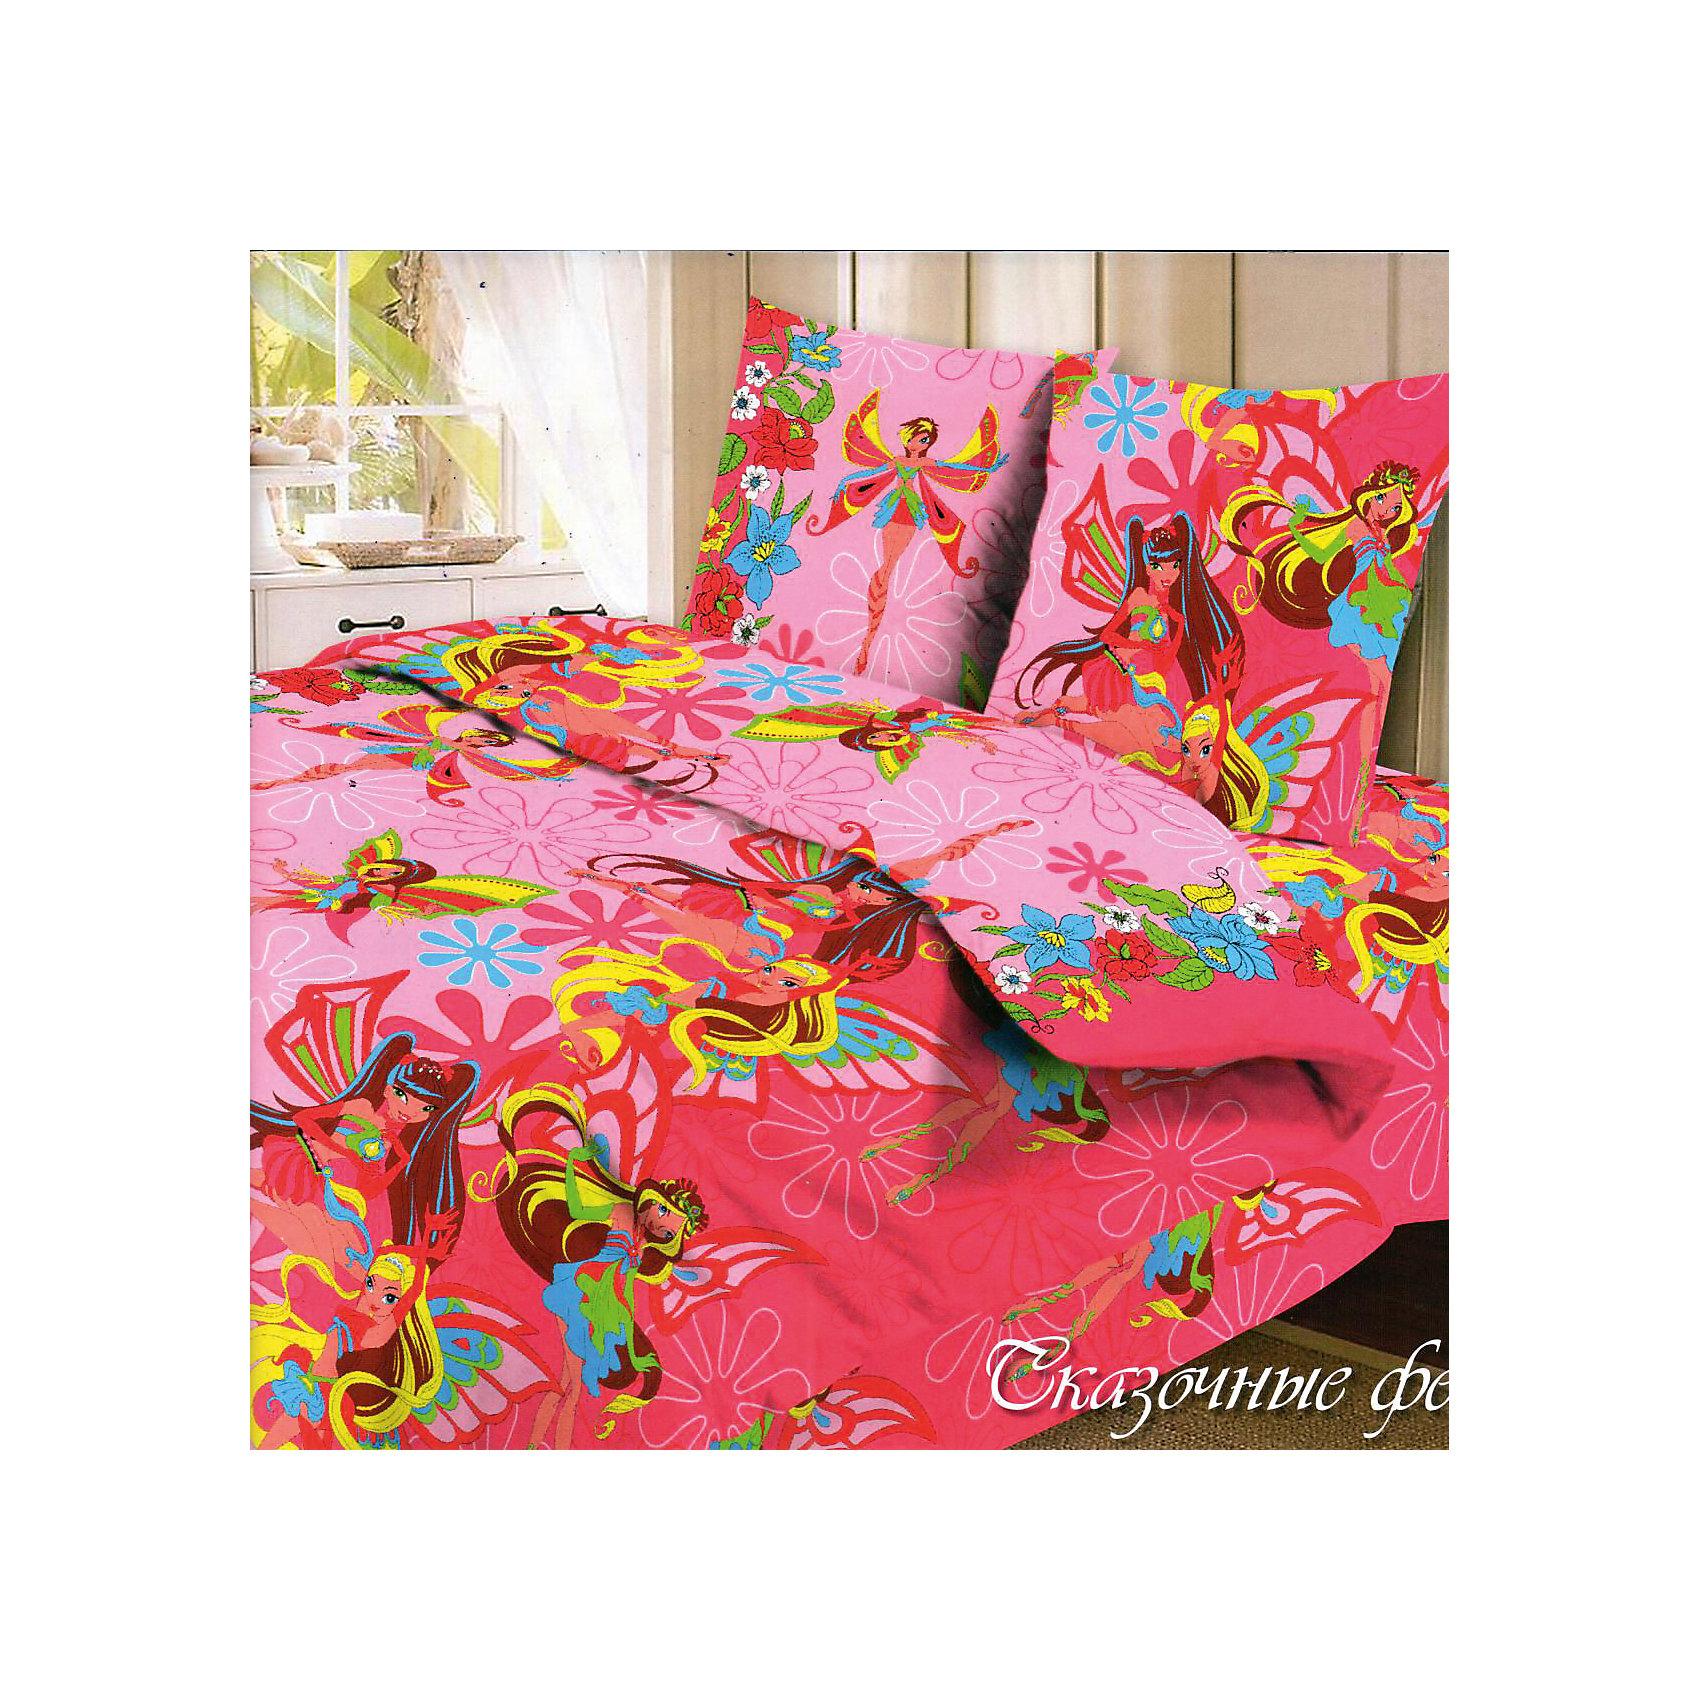 Letto Комплект Фея 1,5-спальный (наволочка 50х70) комплект сакура розовый размер 1 5 спальный